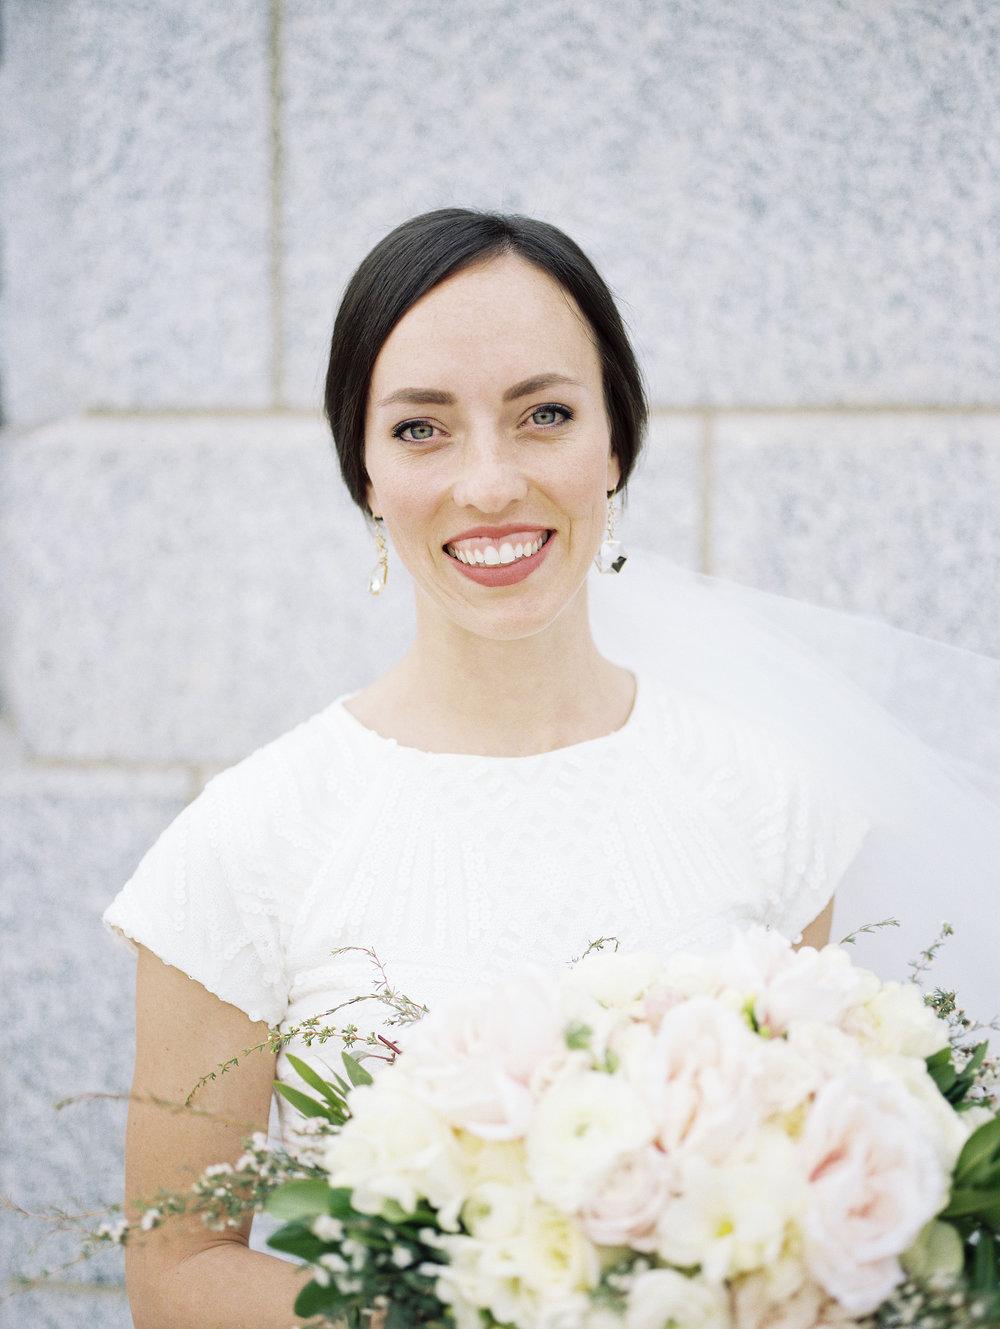 Kimberly_Jordan_bridals_25.jpg